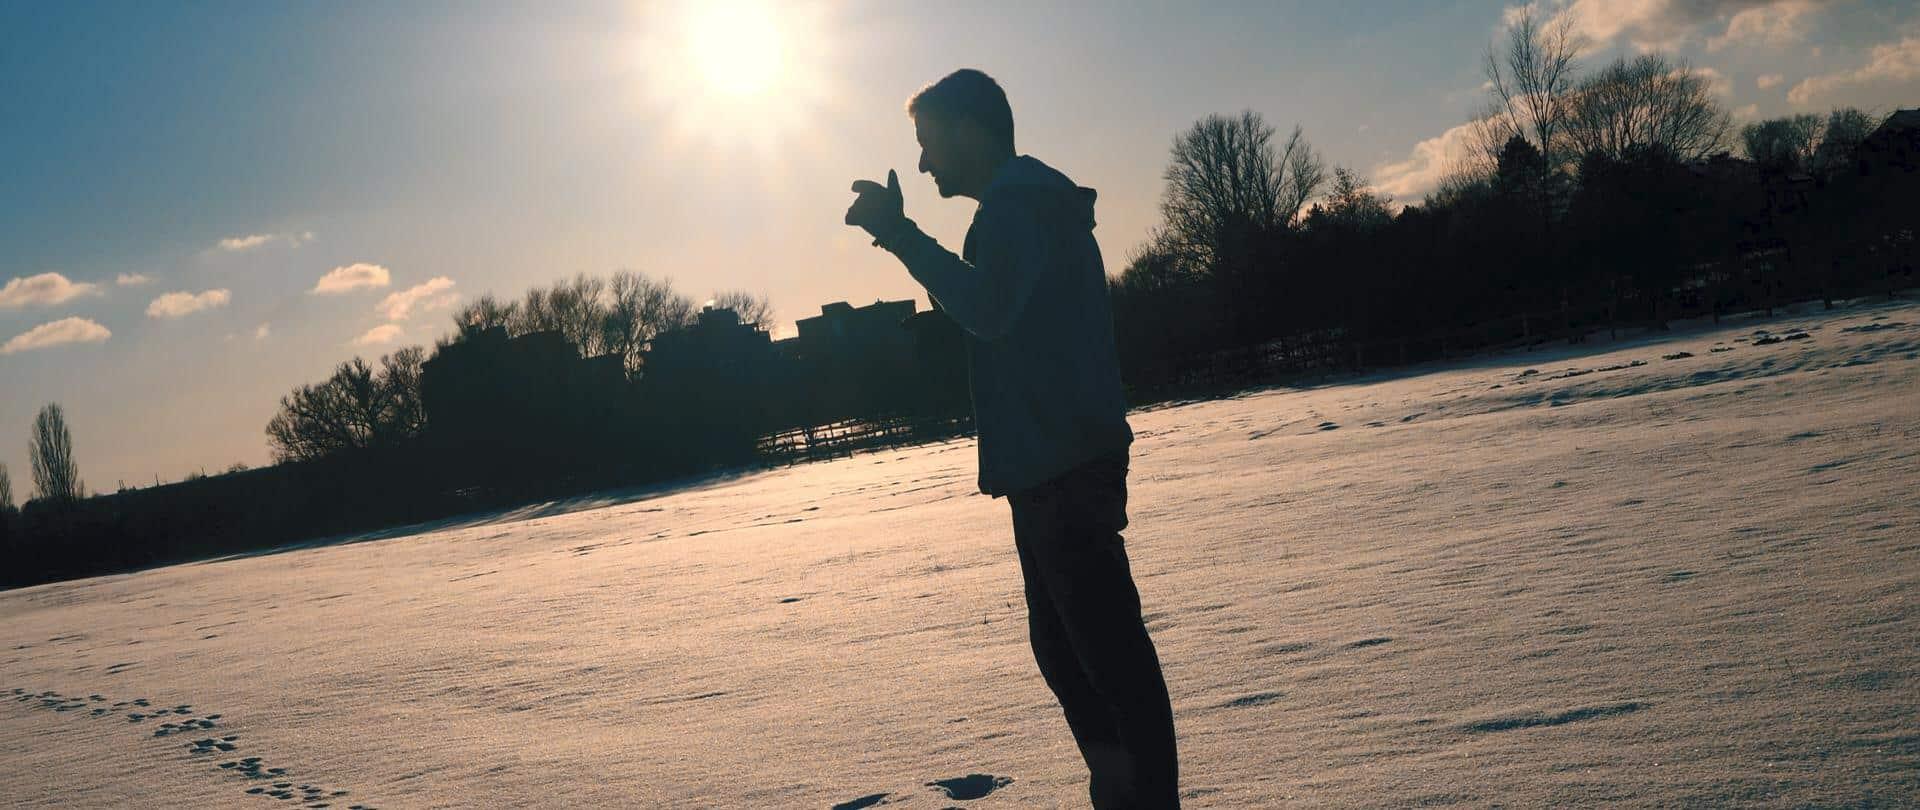 Blazin'Daniel - Aufstehen (Musikvideo).00_01_42_27.Standbild250